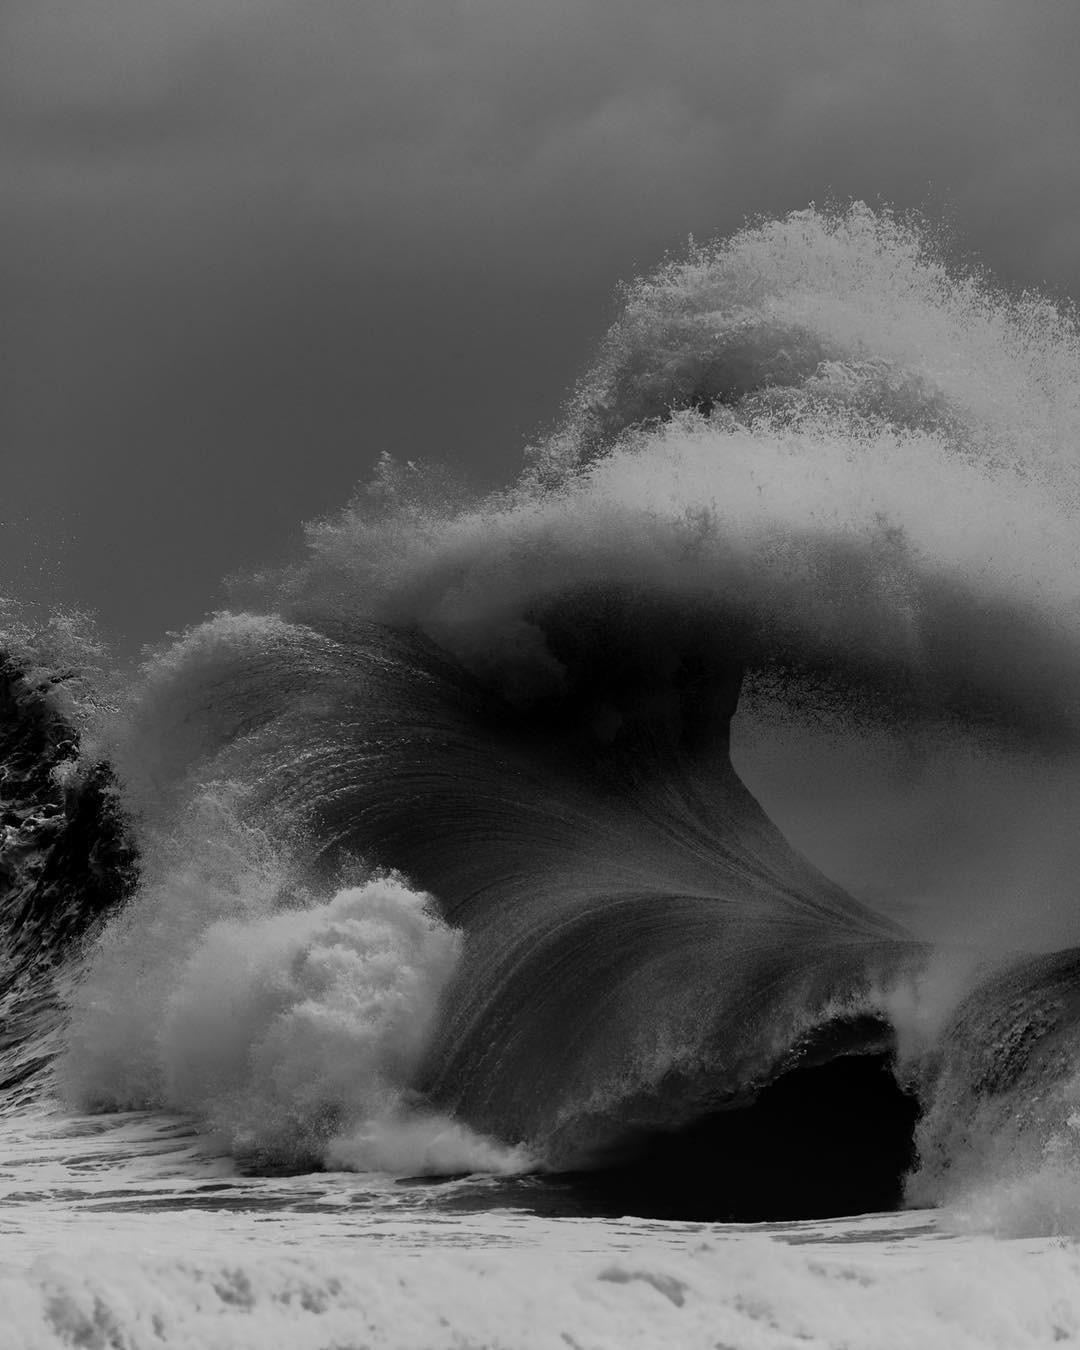 Океанские волны в фотопроекте «Водоворот». Автор Люк Шэдболт  (21)